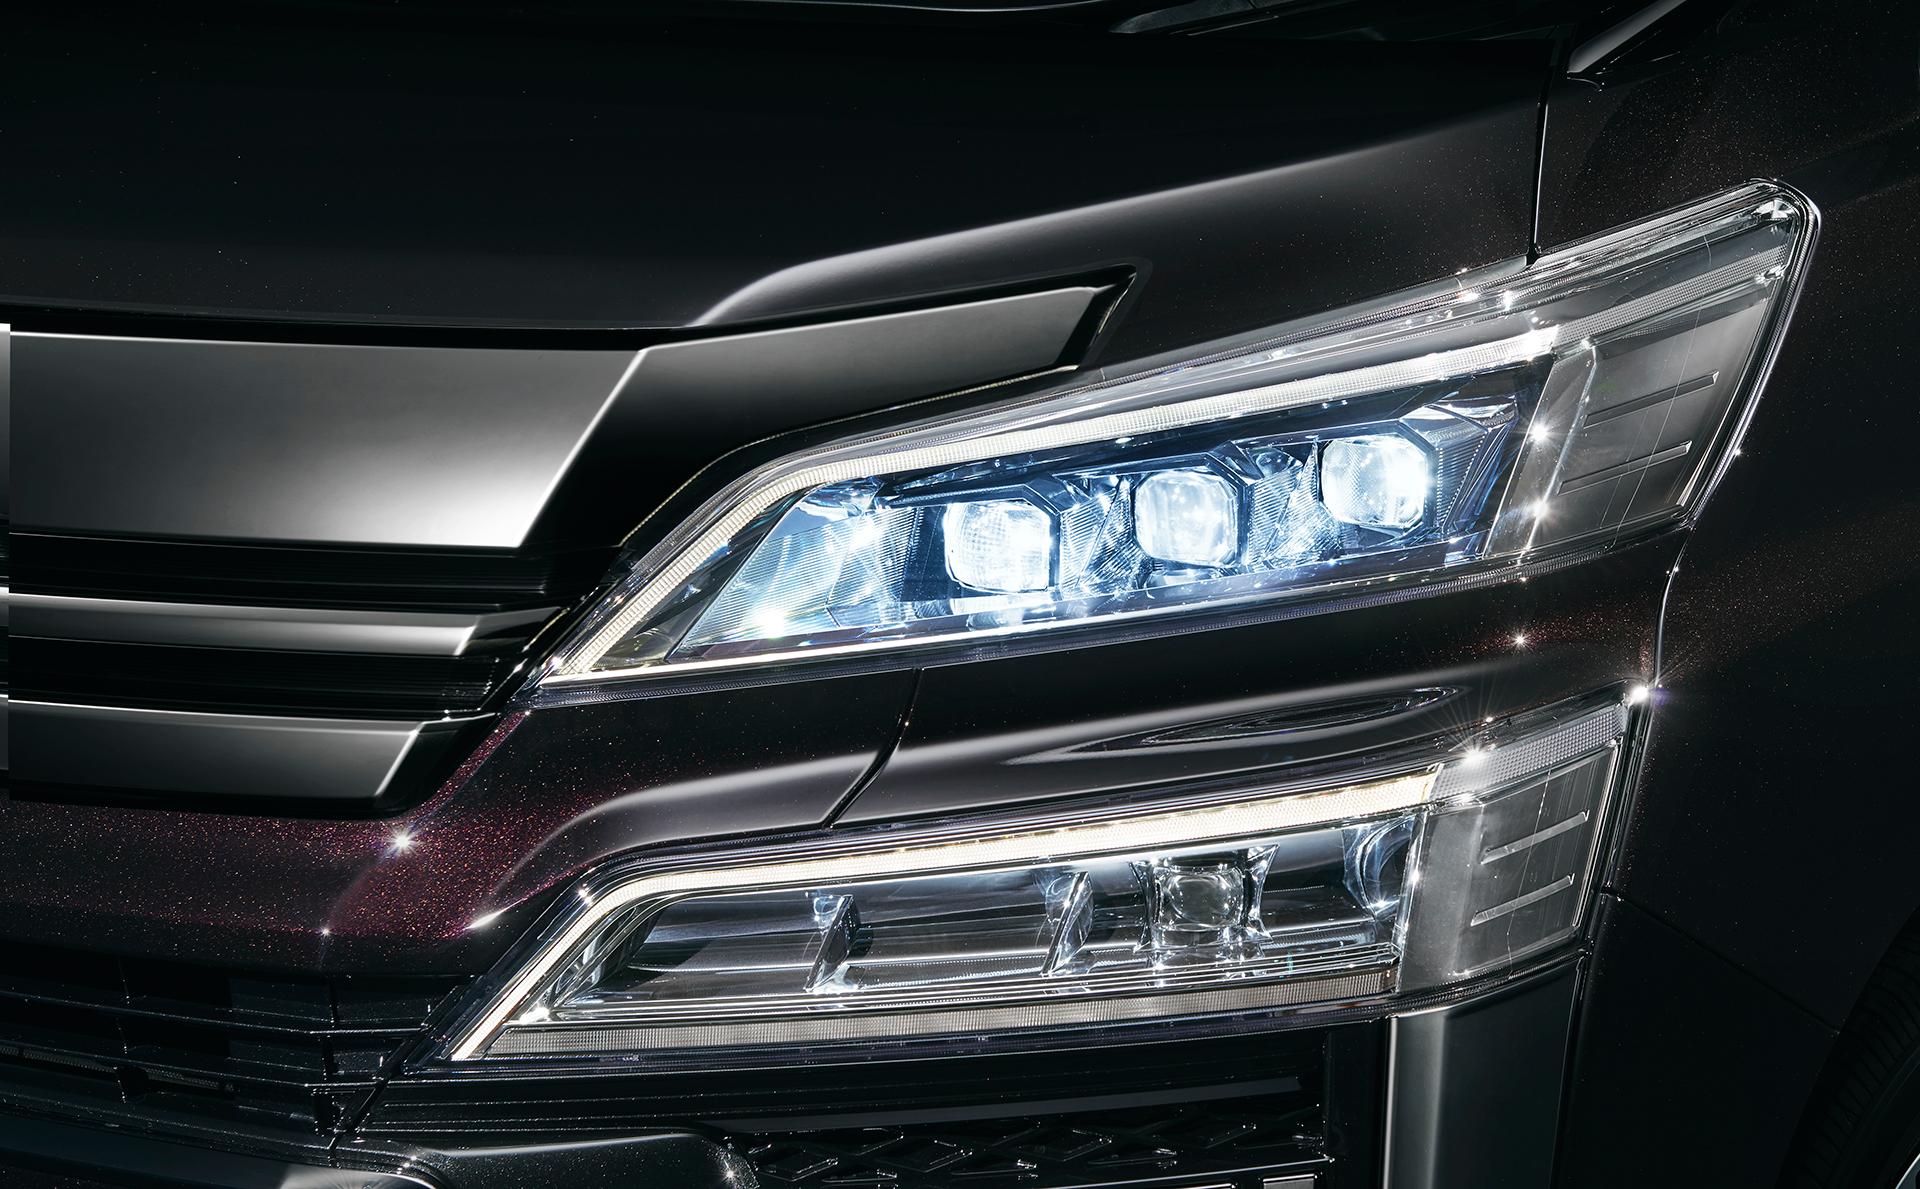 「トヨタ・アルファード/ヴェルファイアが一部改良。9インチのディスプレイオーディオを標準化【新車】」の12枚目の画像